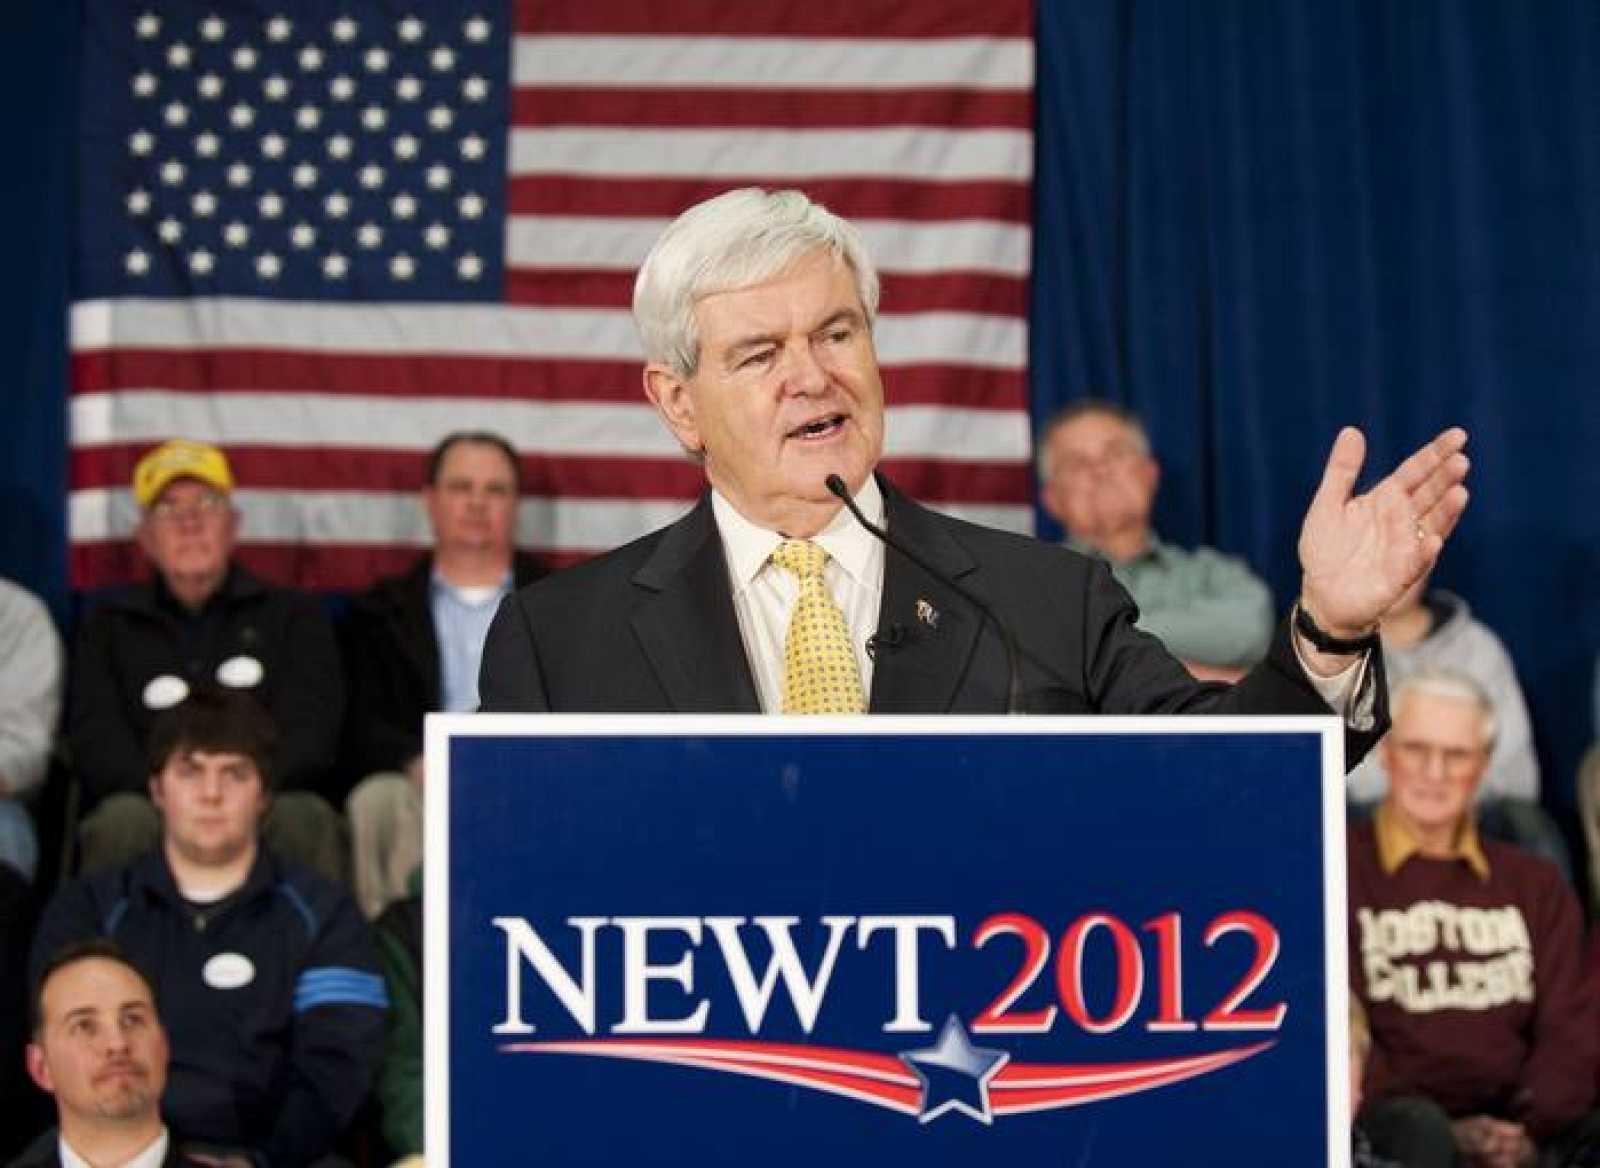 El candidato Newt Gingrich durante un acto de su campaña